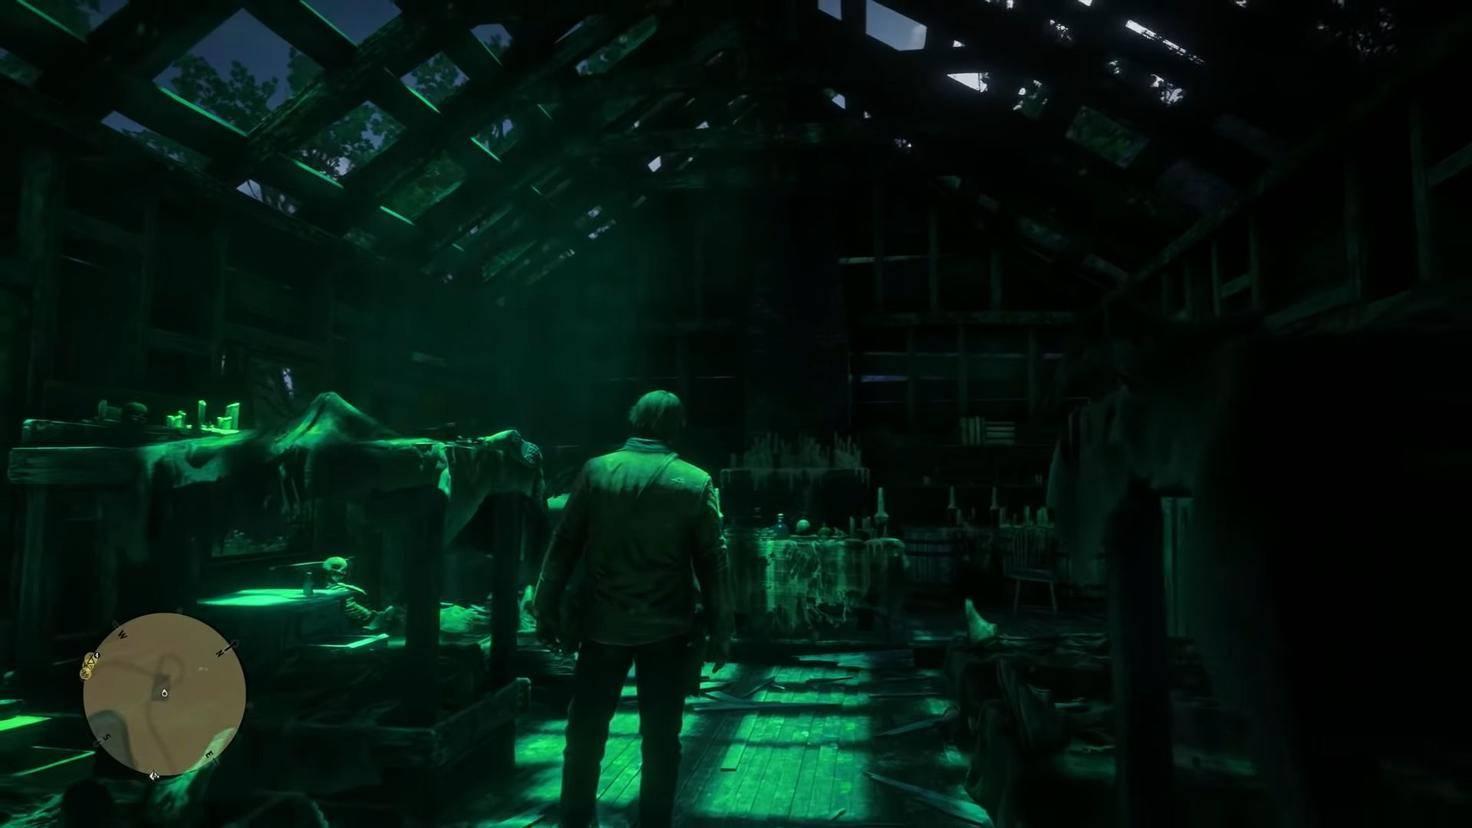 Das Licht des UFOs taucht die Hütte in ein unheimliches Grün.